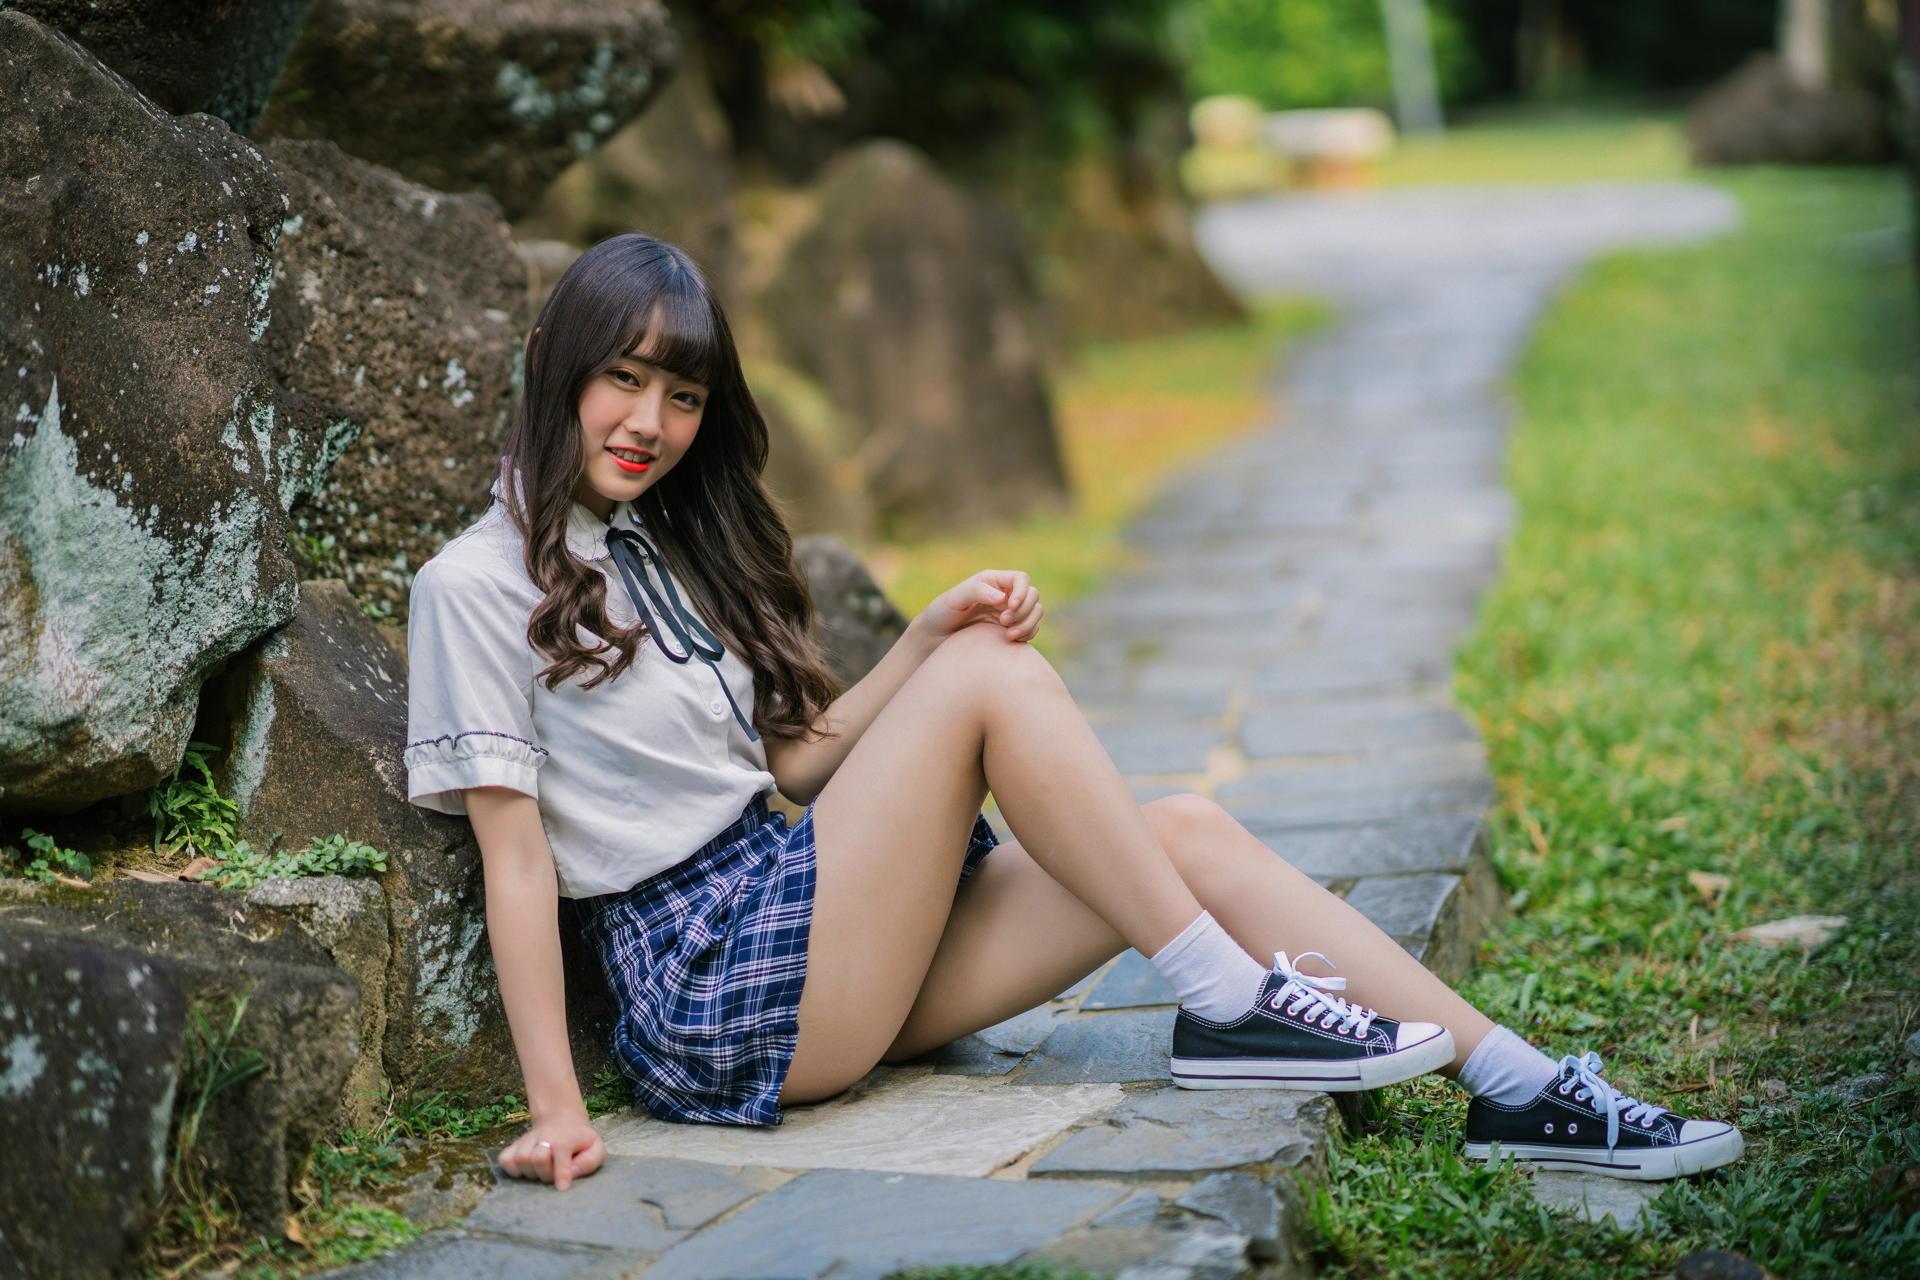 Asian Model Women Long Hair Dark Hair Skirt White Blouse School Uniform Sneakers White Socks Sitting 1920x1280